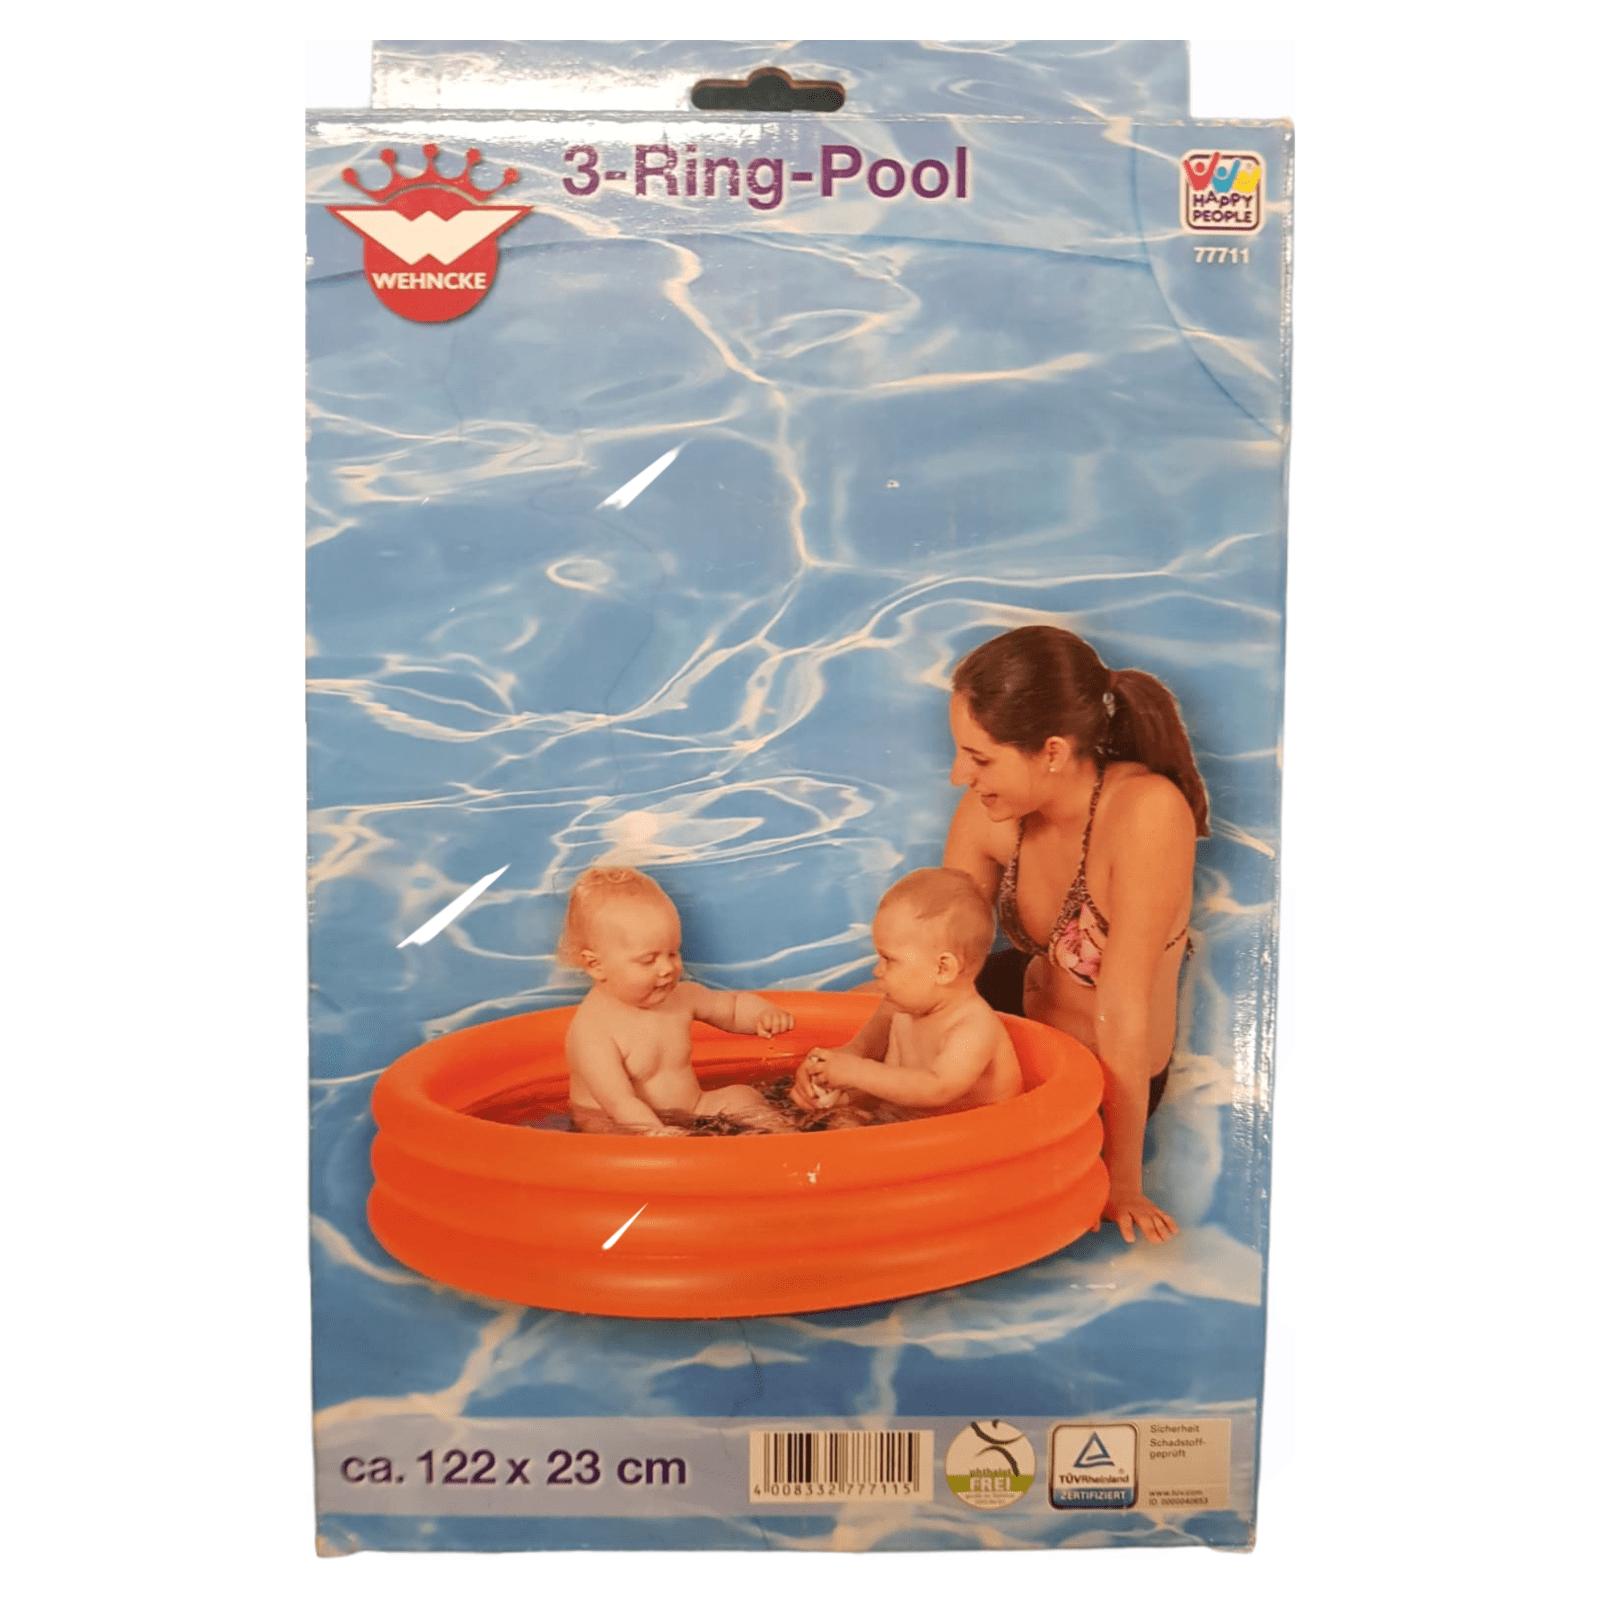 3-Ring-Pool